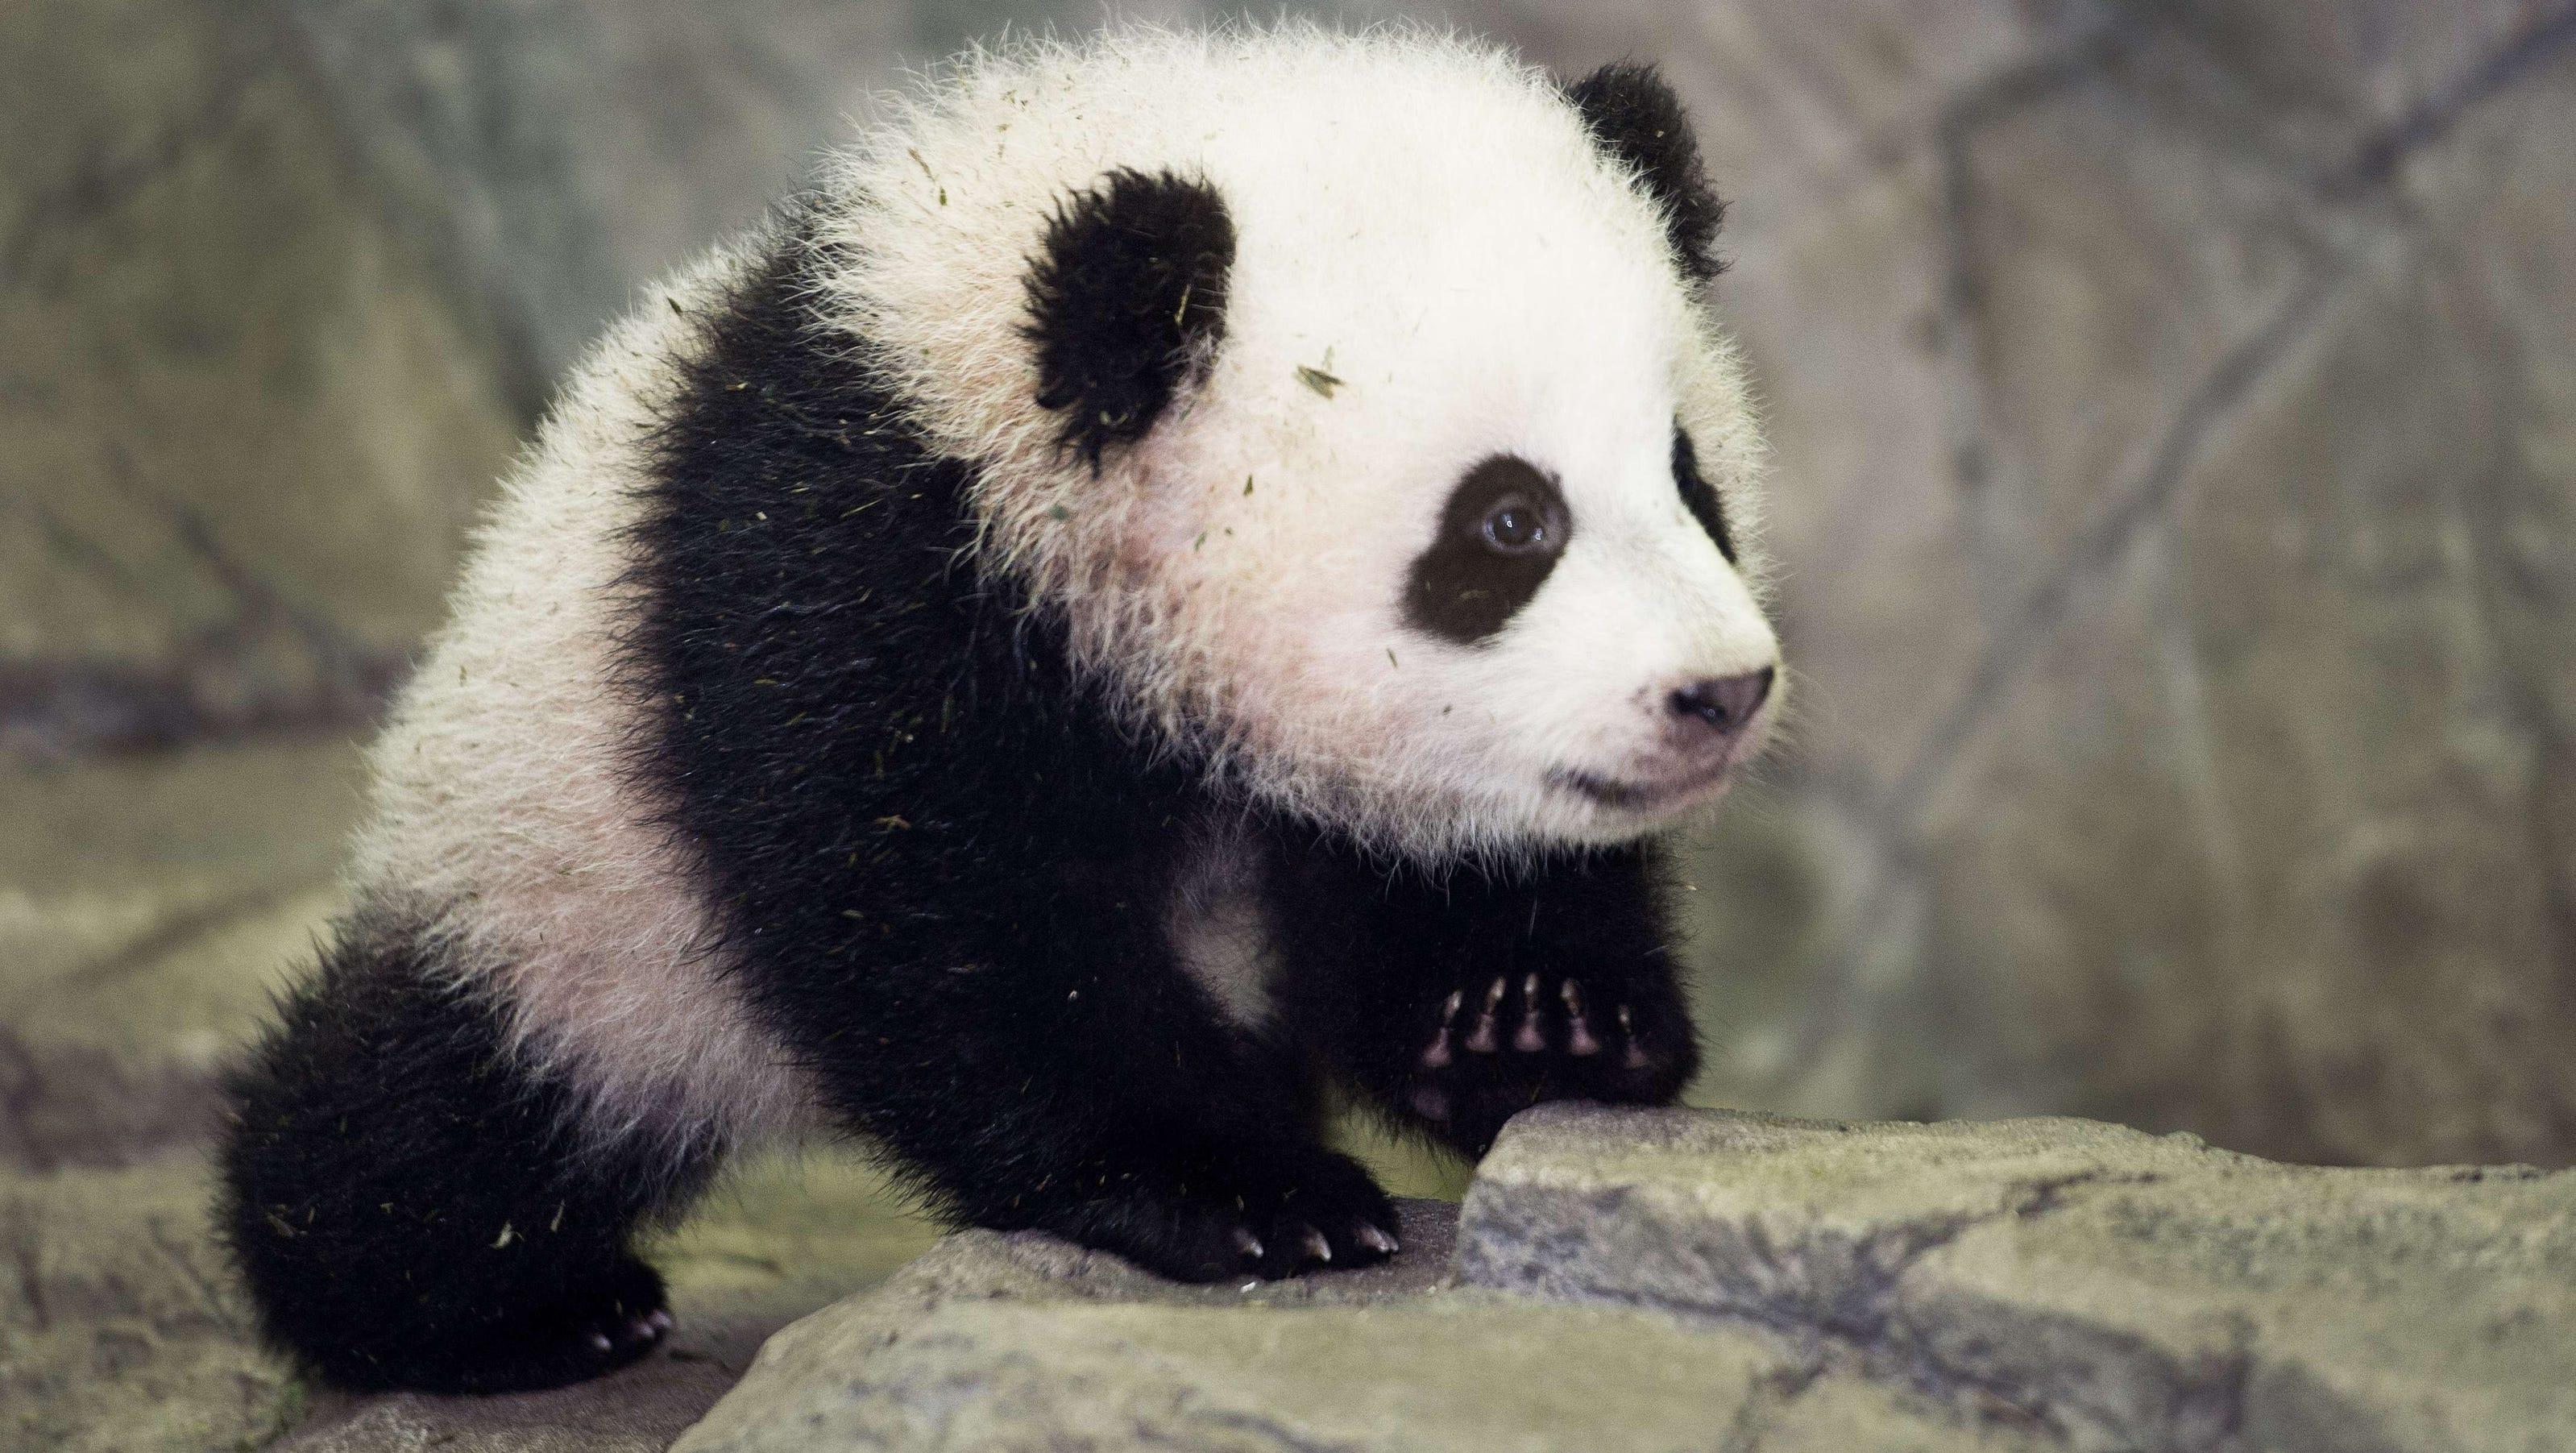 Baby Panda Bao Bao Meets The Press At National Zoo